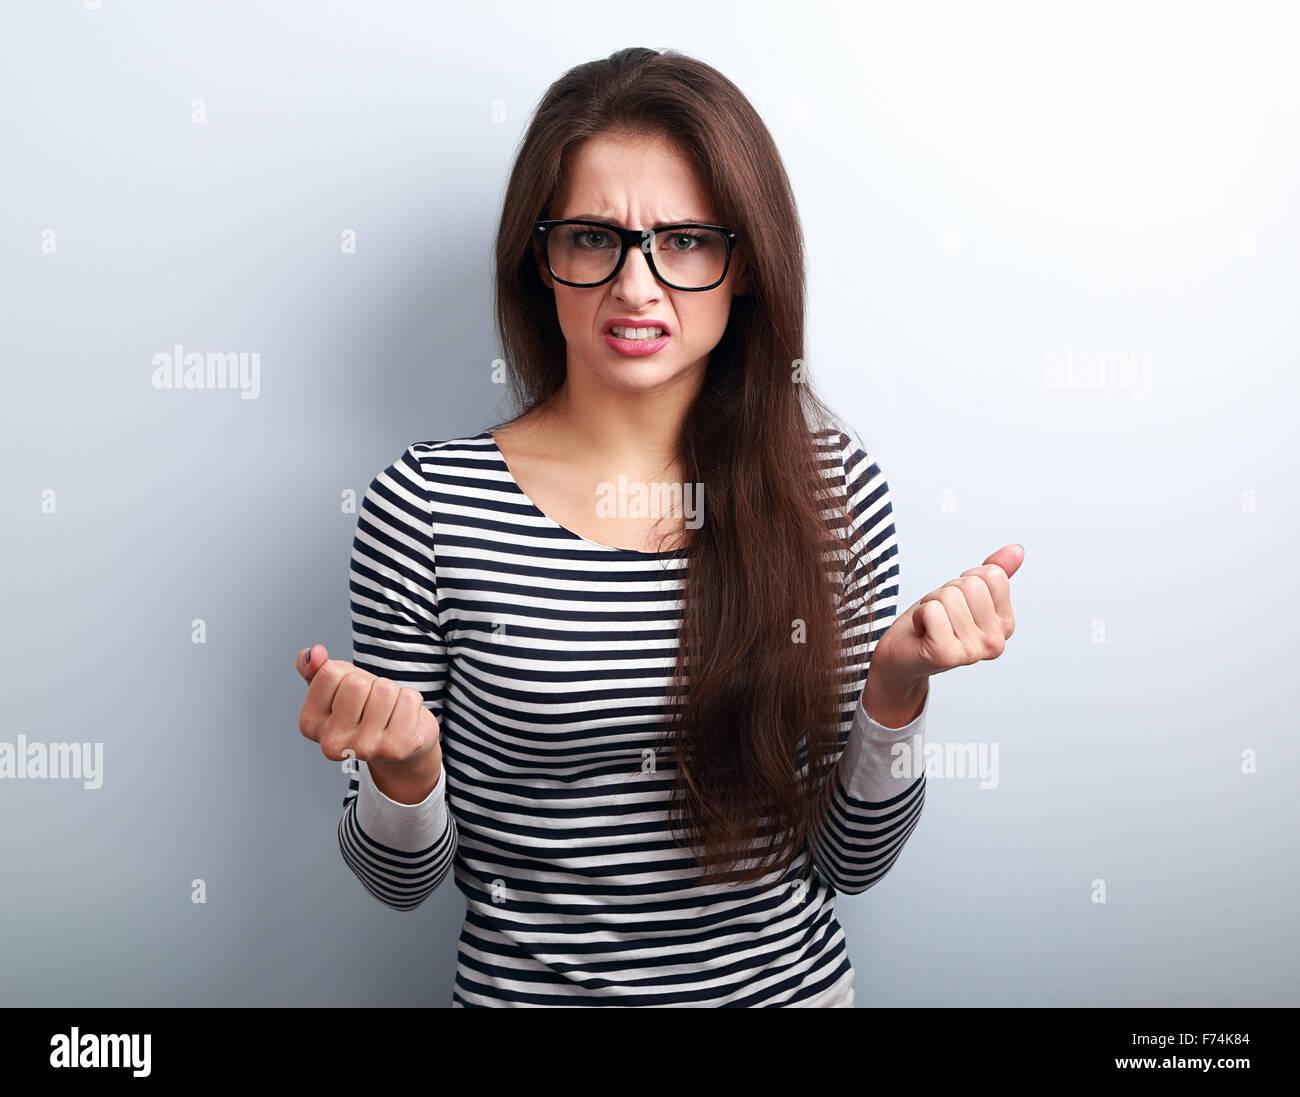 Enojado nervioso joven en gafas con cara negativa agresiva mostrando puños sobre fondo azul. Imagen De Stock